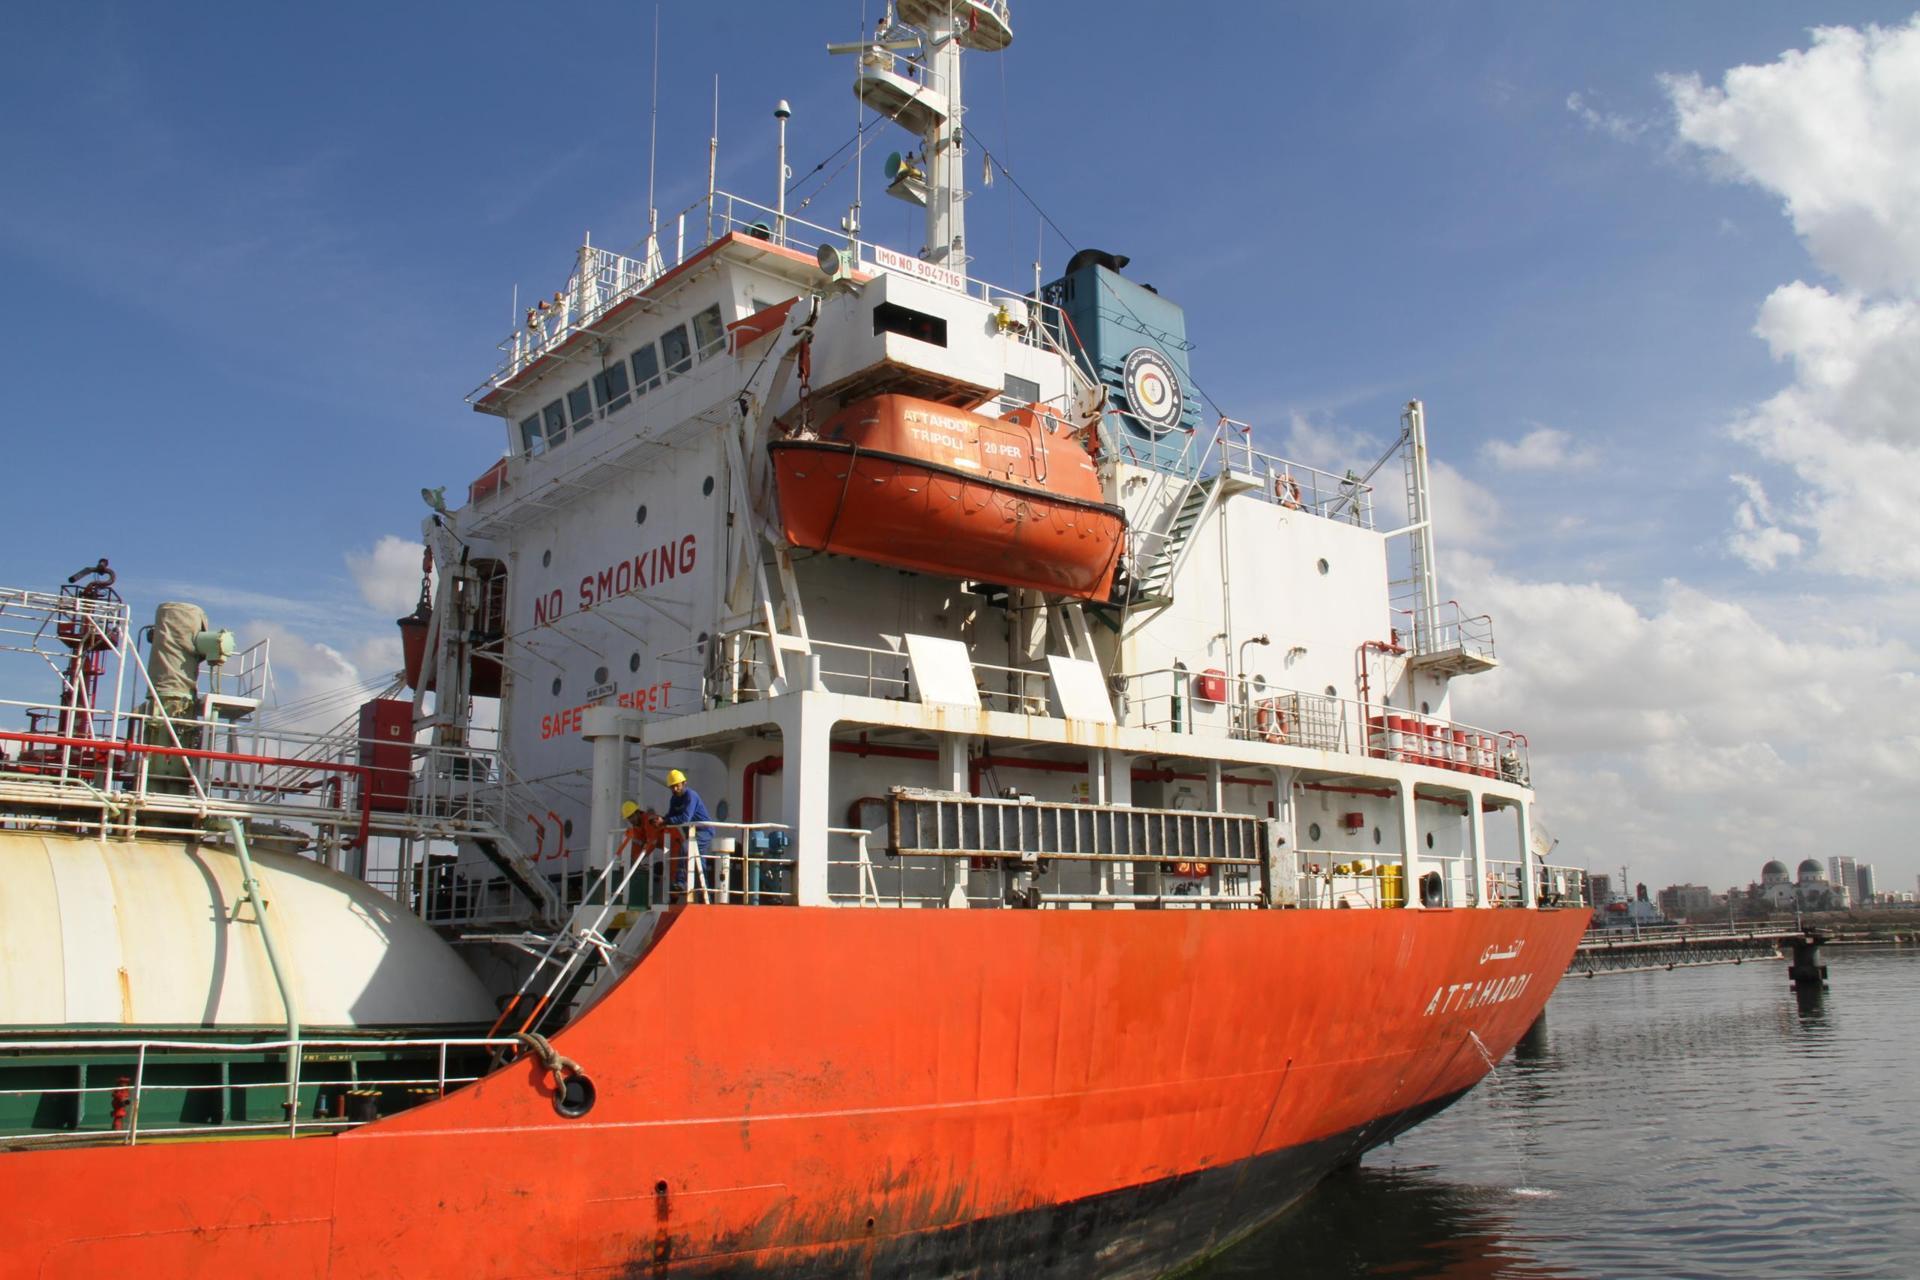 ميناء بنغازي: استمرار وصول حاويات السلع والمركبات إلى الميناء